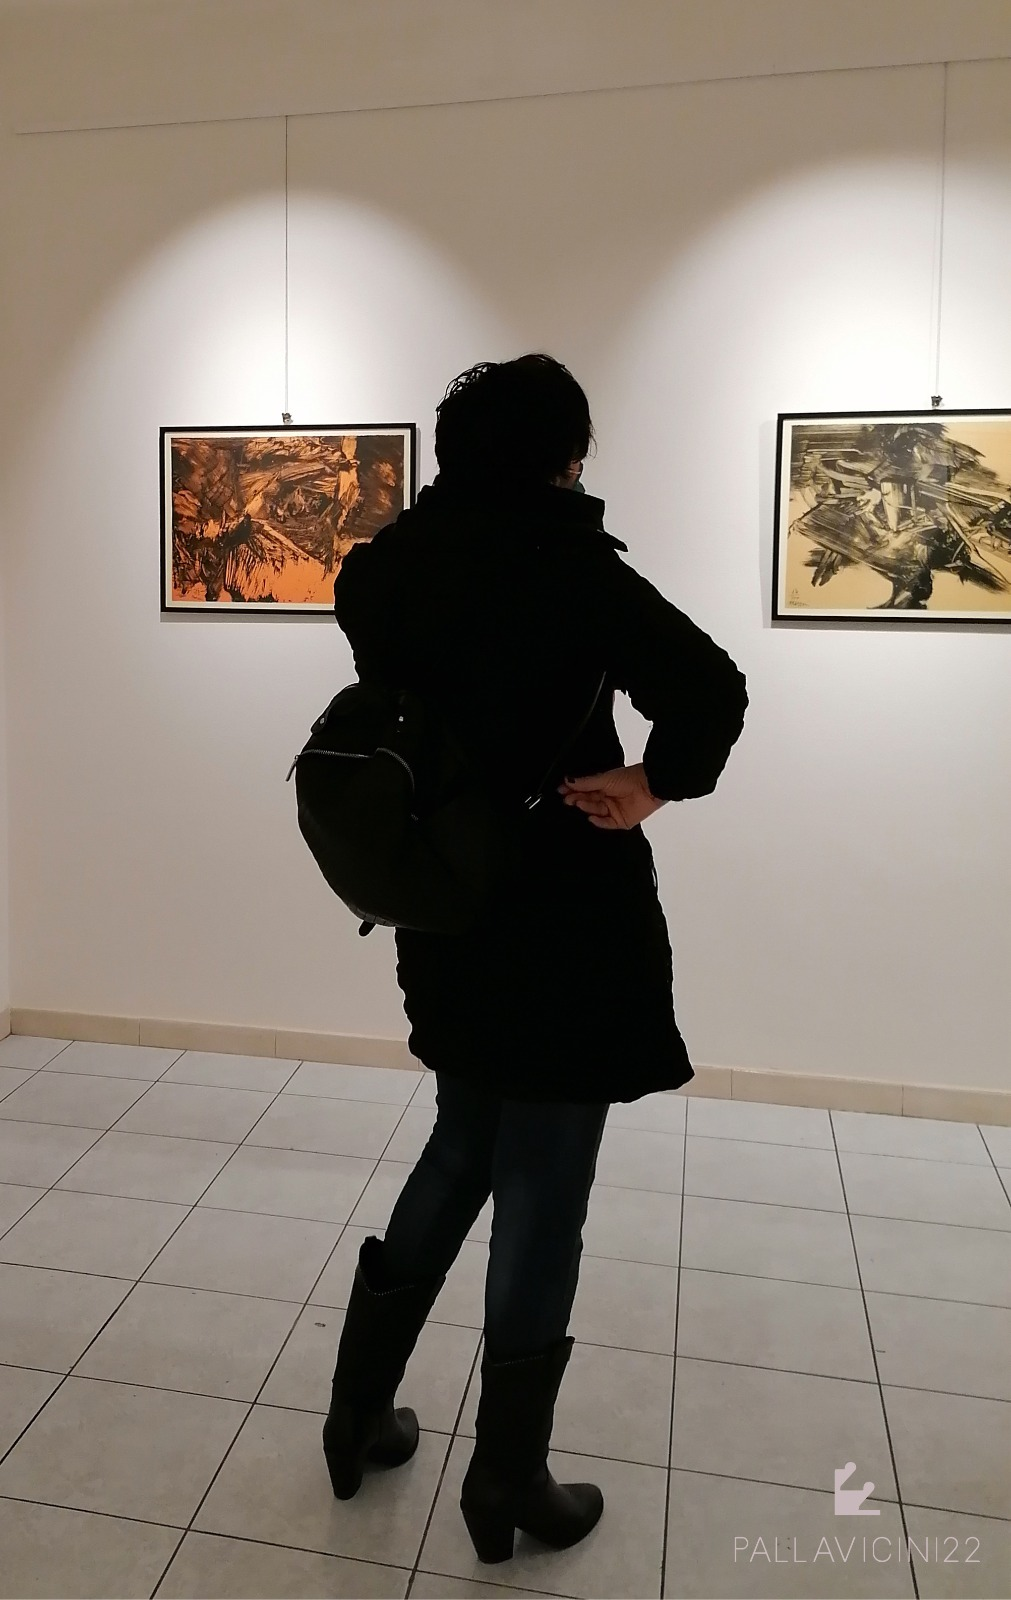 PHOTO-2020-12-21-17-31-32